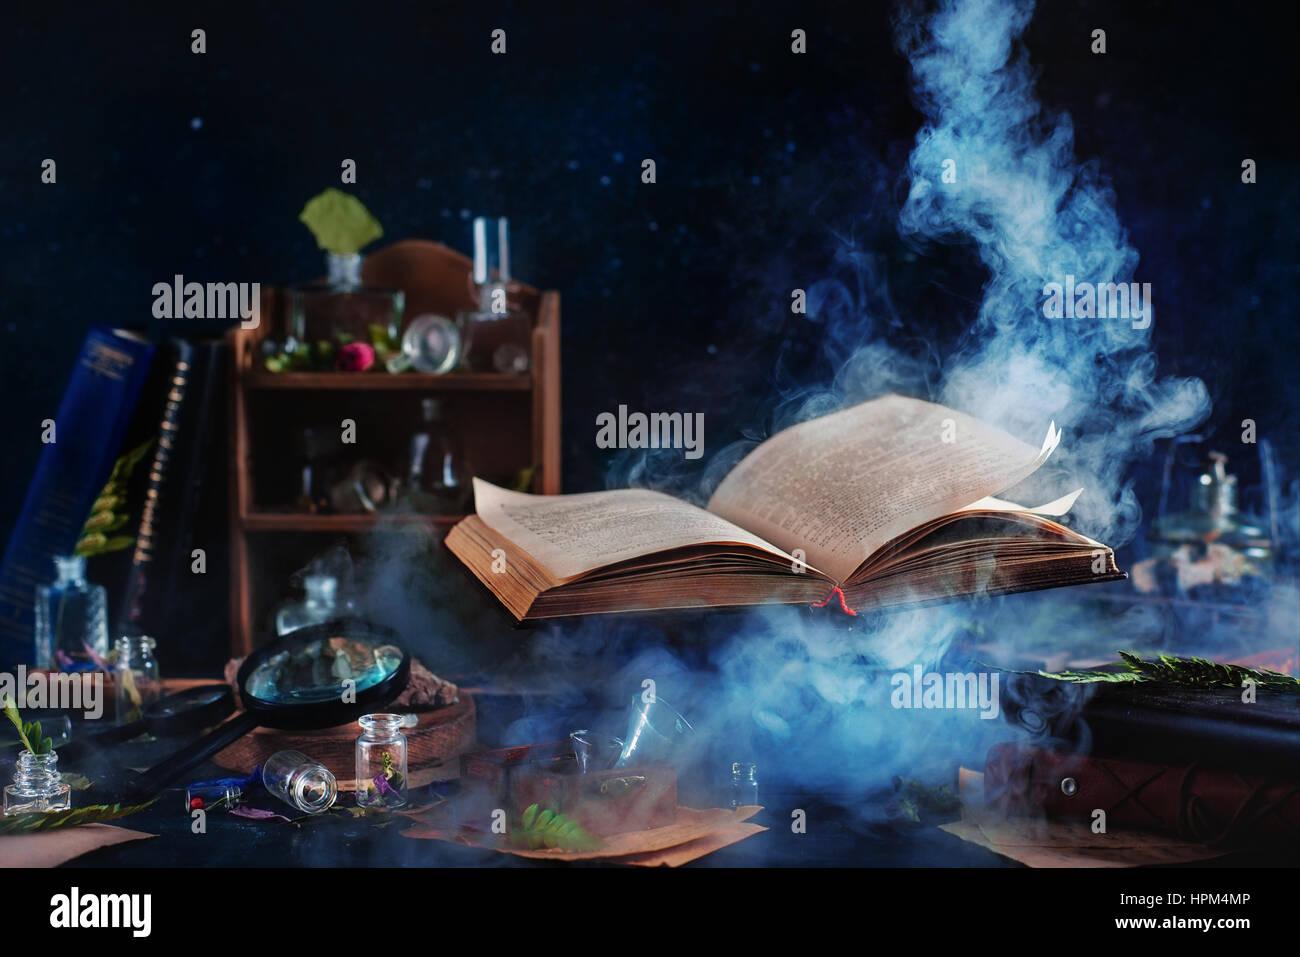 Ancora in vita con la levitazione libro di incantesimi, vasetti e bottiglie su uno sfondo scuro con aumento di fumo Immagini Stock